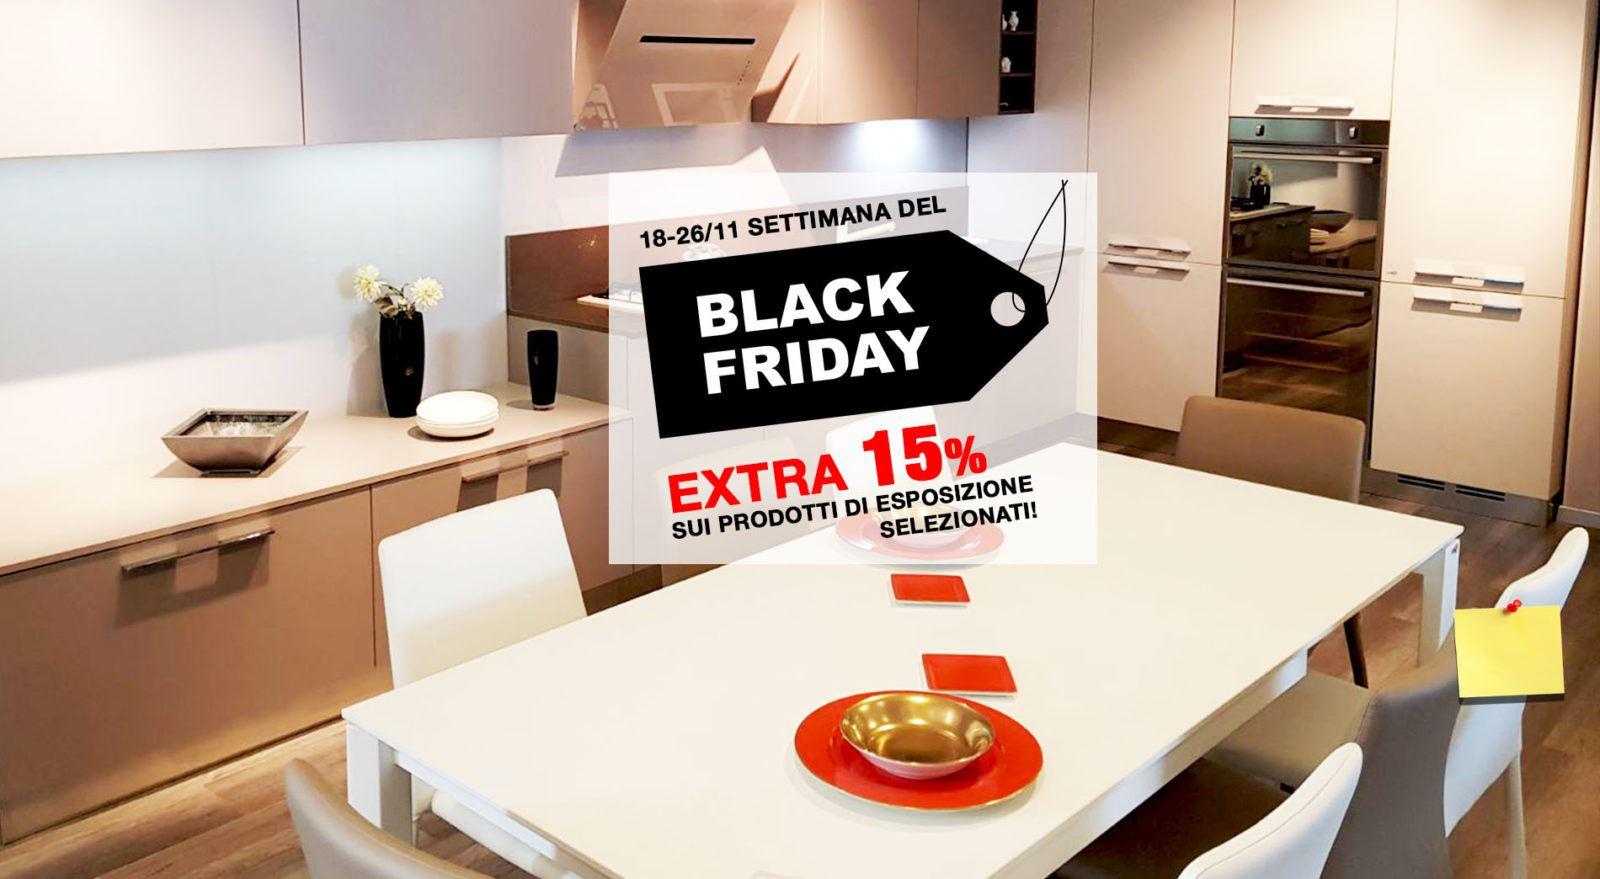 Black friday 2017 meneghello arredamenti meneghello - Cucine a gas black friday ...